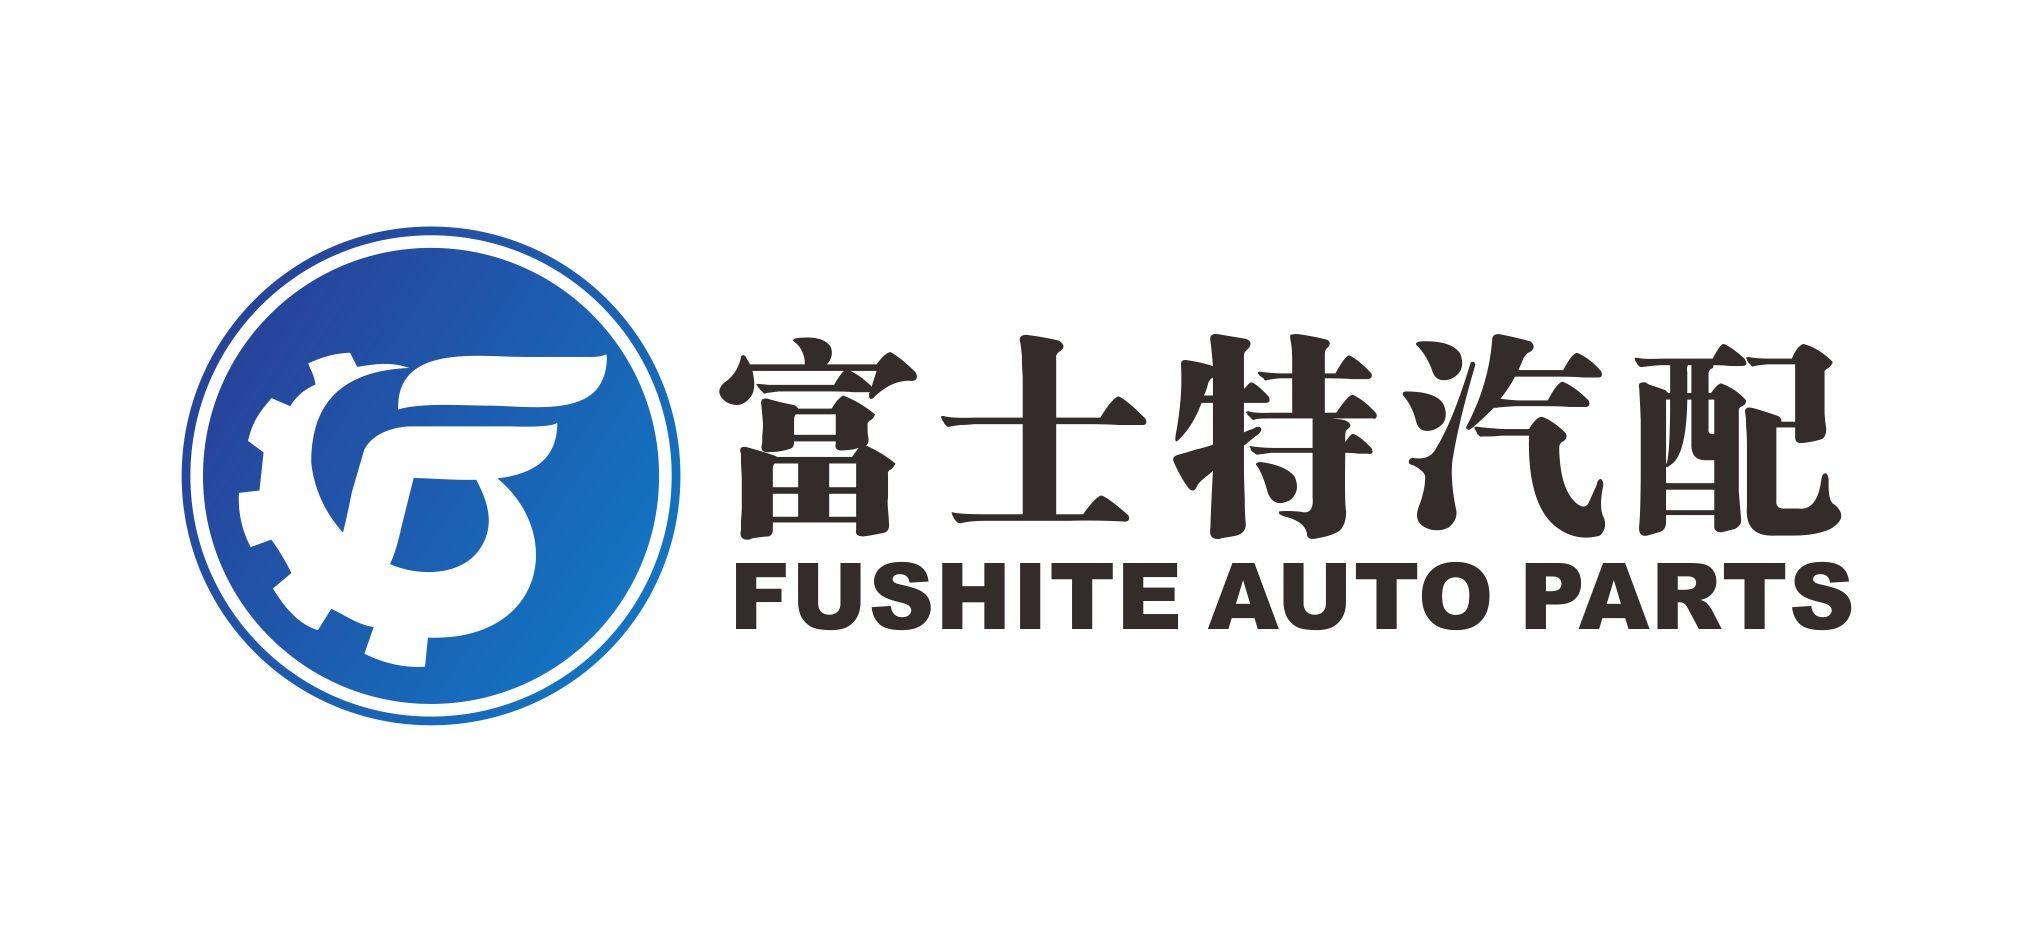 梁山县富士特汽车配件有限公司